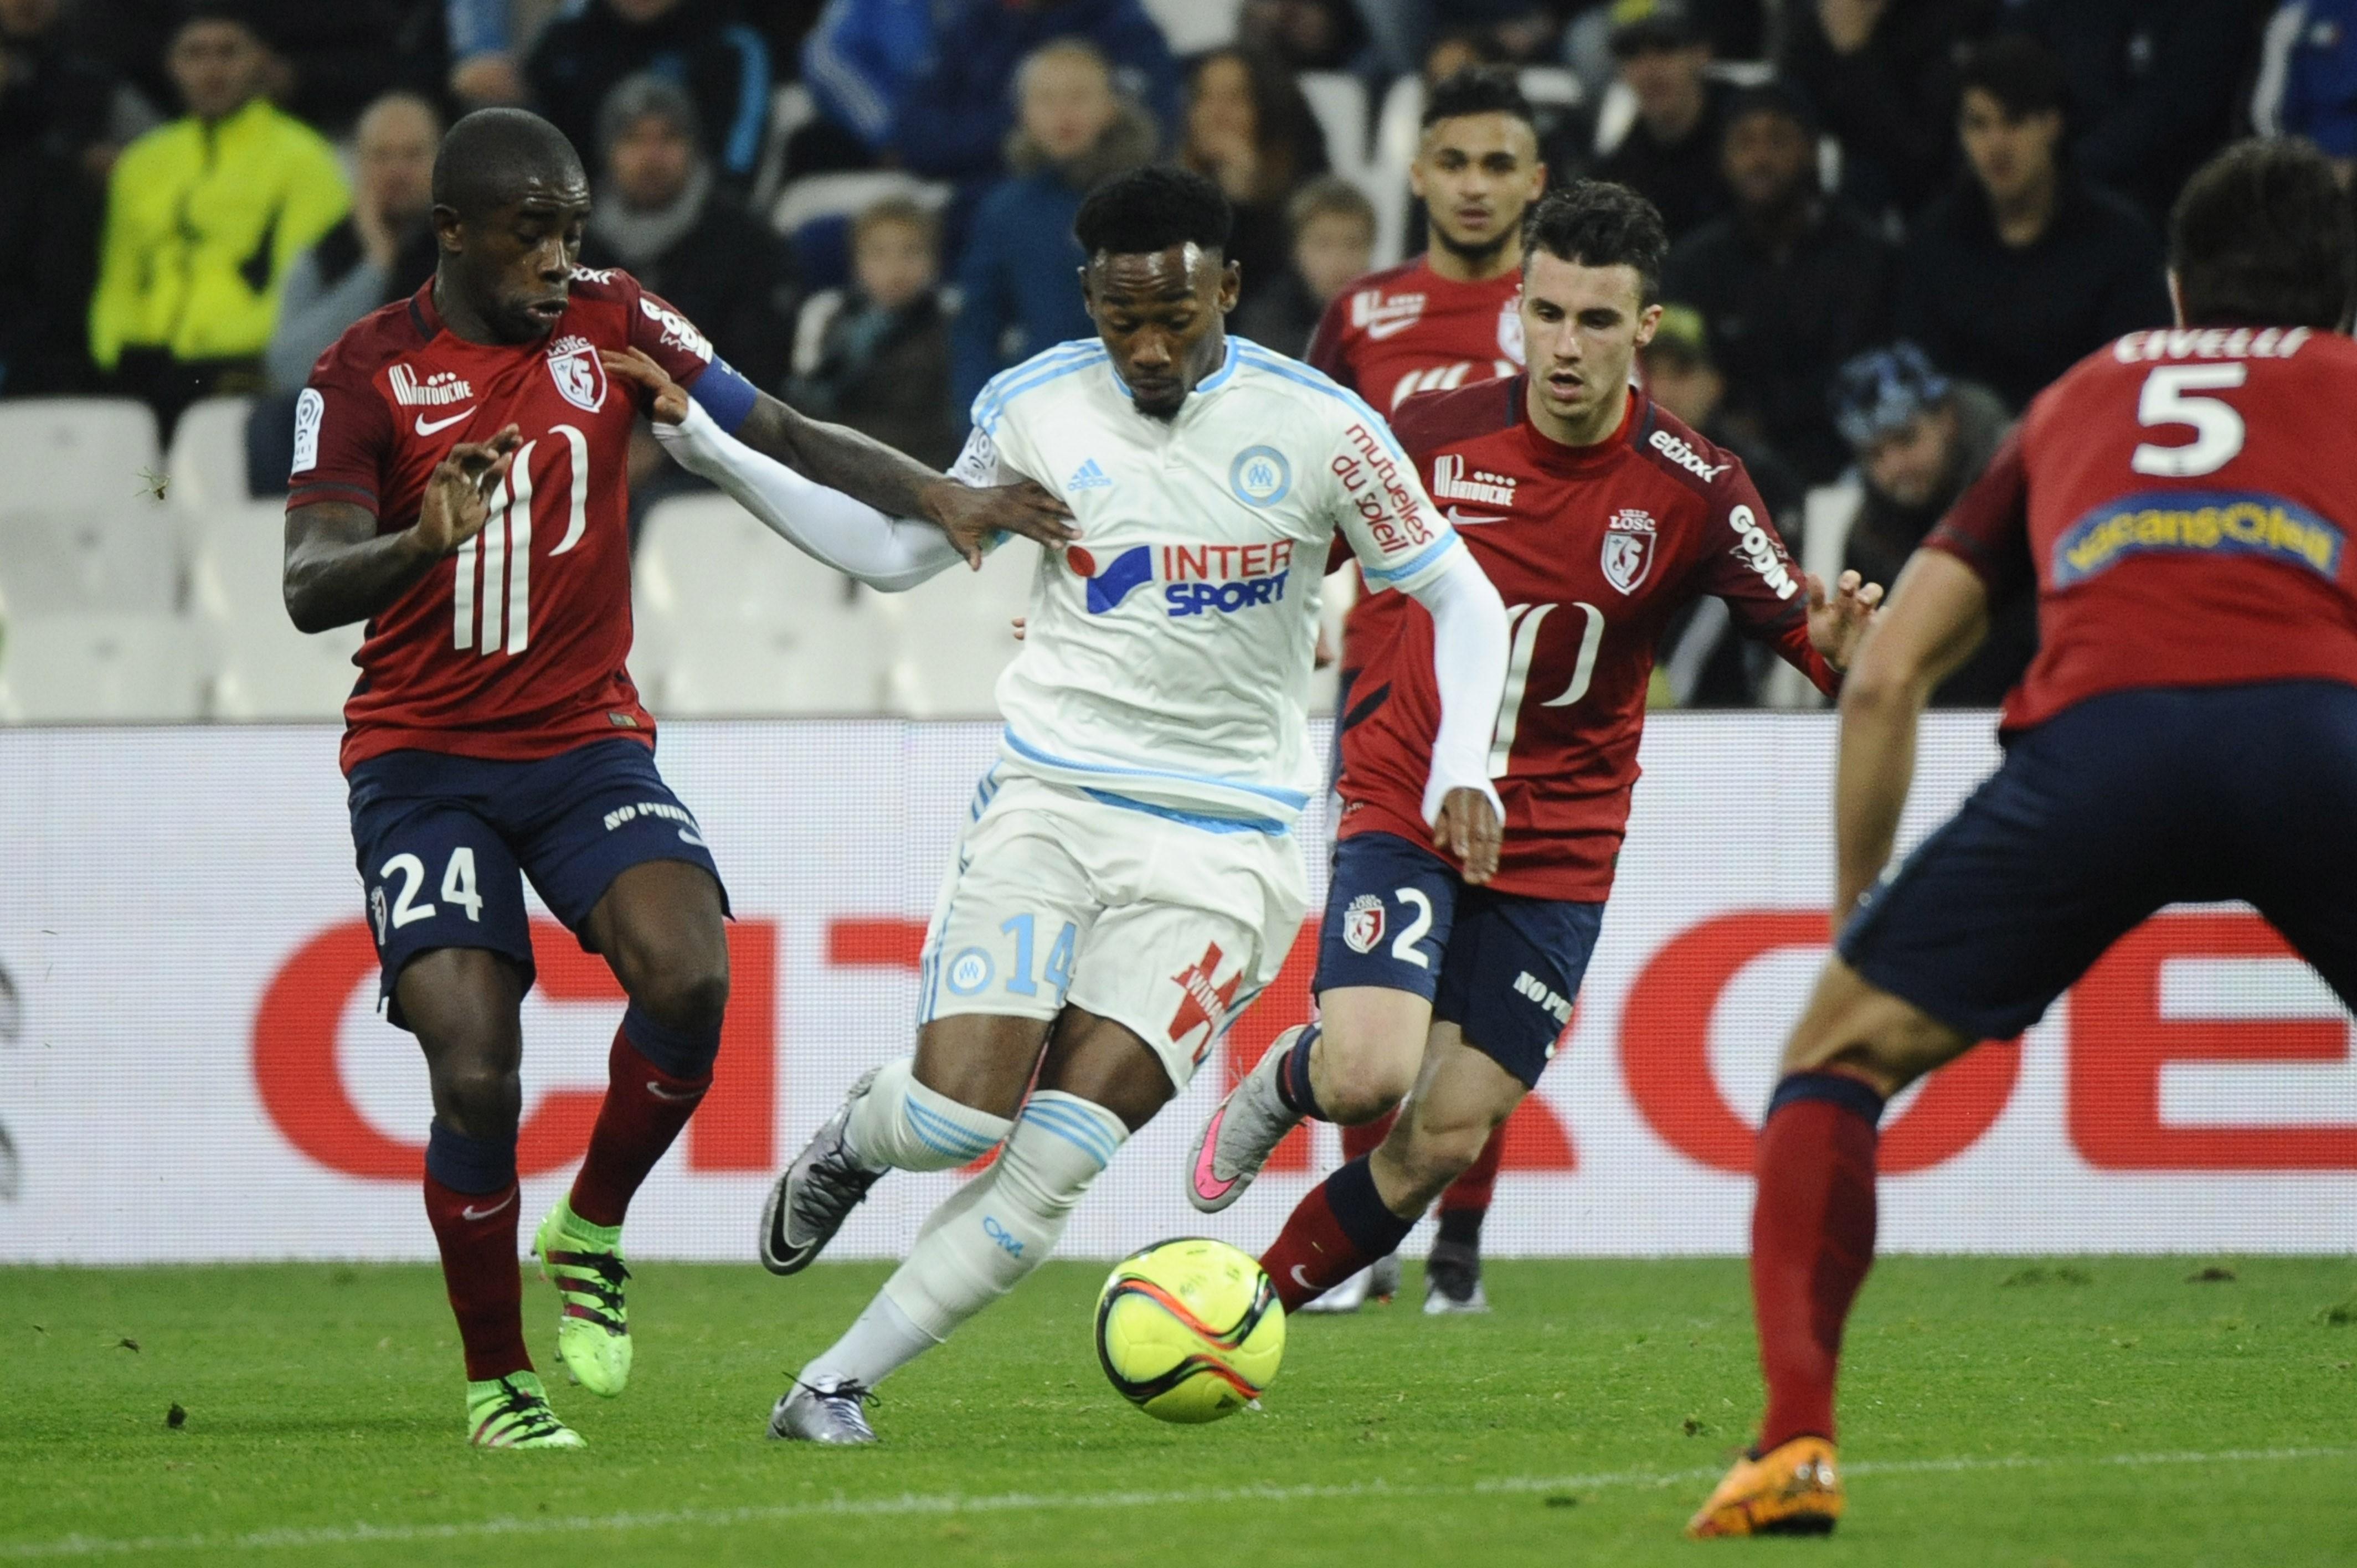 Georges-Kevin Nkoudou (Marseille) au duel avec Rio Mavuba et Sébastien Corchia (Lille), vendredi 29 janvier 2016